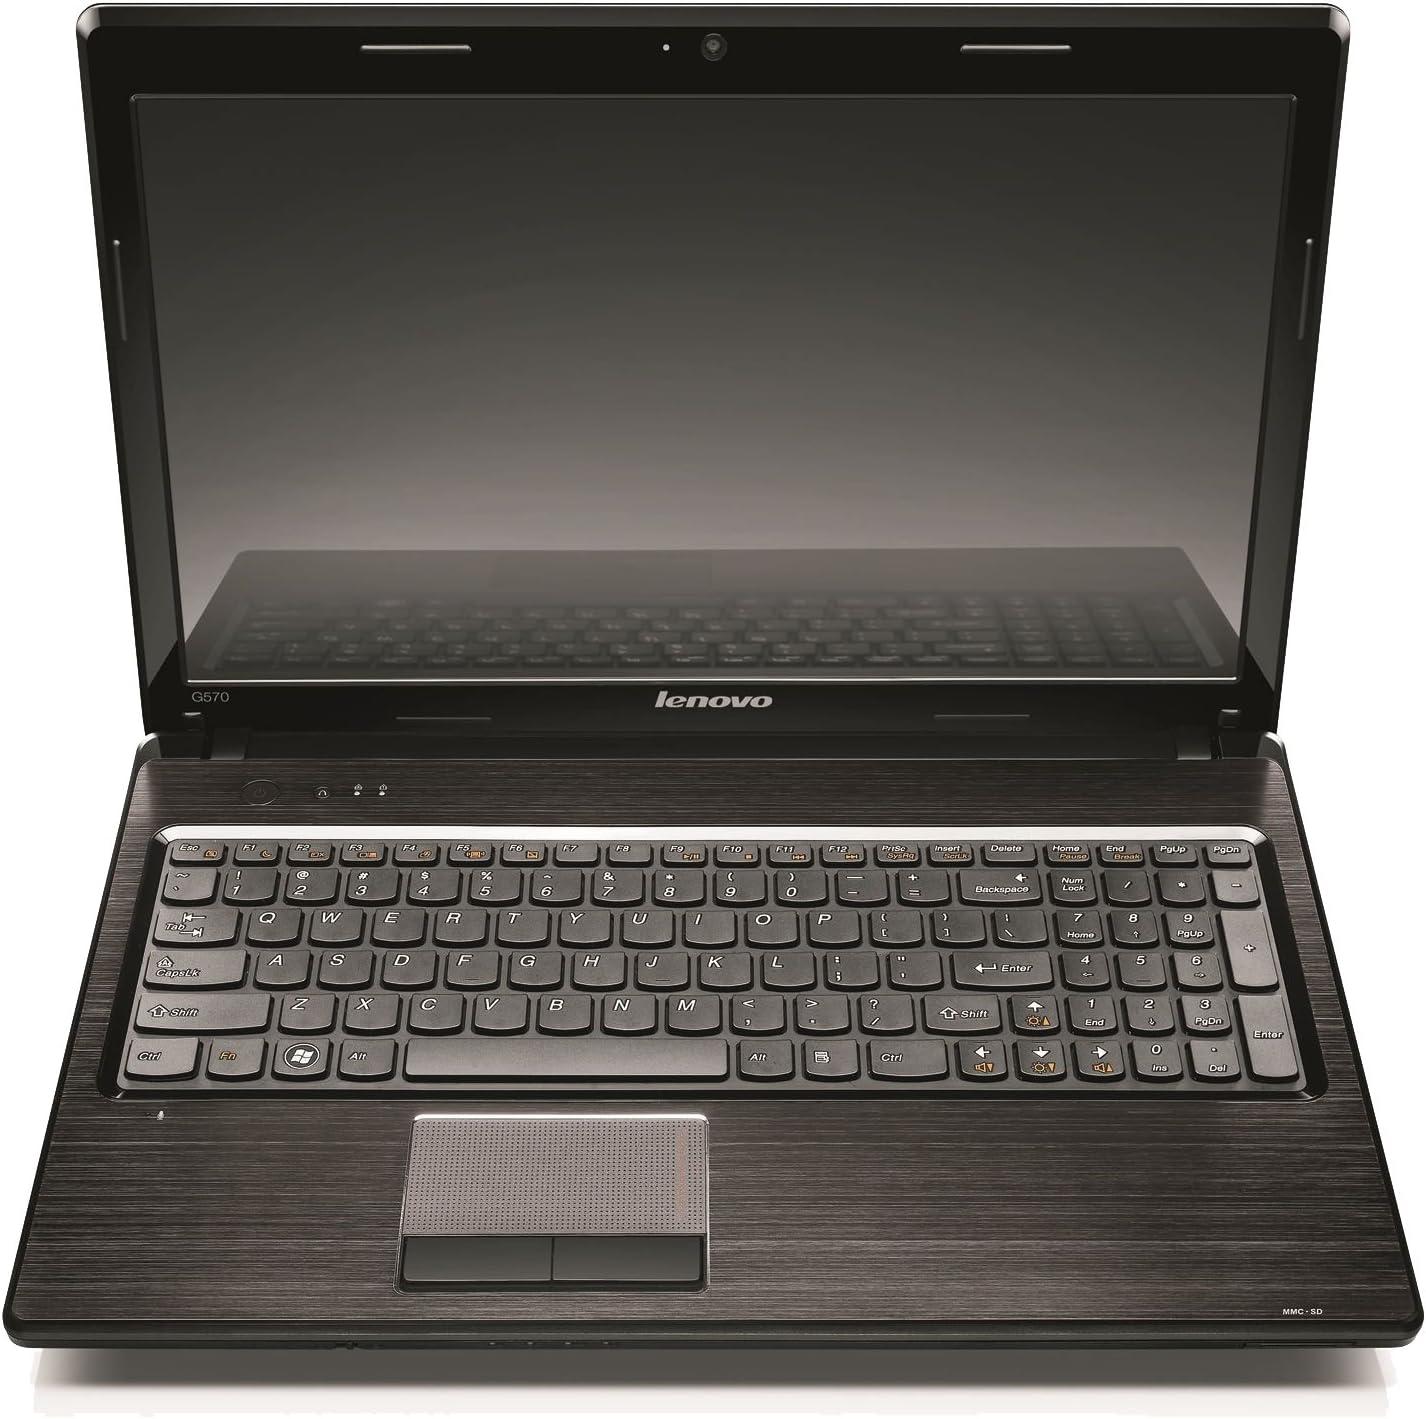 Lenovo G570 G Series, 2100 MHz, Intel Core i3, i3-2310M, 5 GT/s, 3 MB, Intel HM65 Express (Teclado inglés QWERTY) [importado de Reino Unido]: Amazon.es: Electrónica